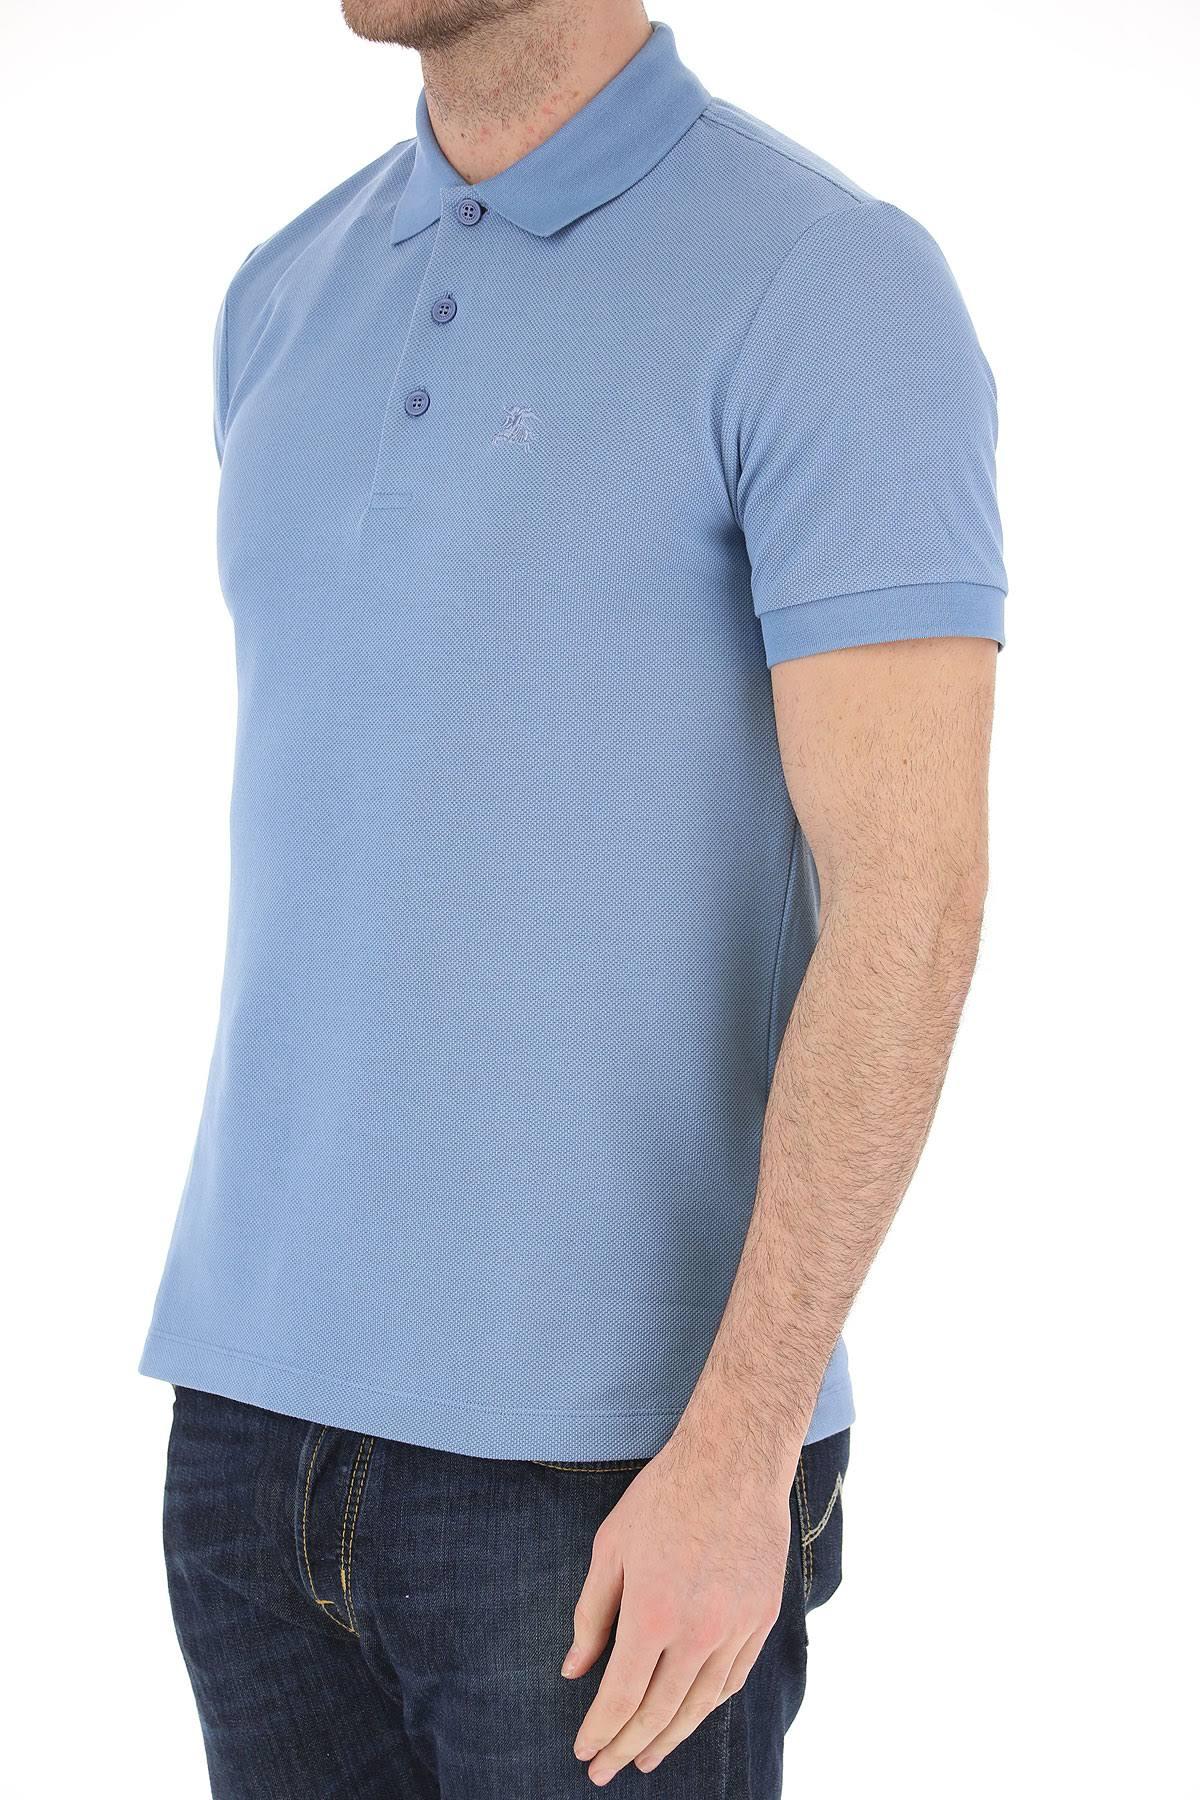 Burberry Polo Claro Pálido Azul Hombre M L 2019 S Algodón Para Xl 7aq6rfw7